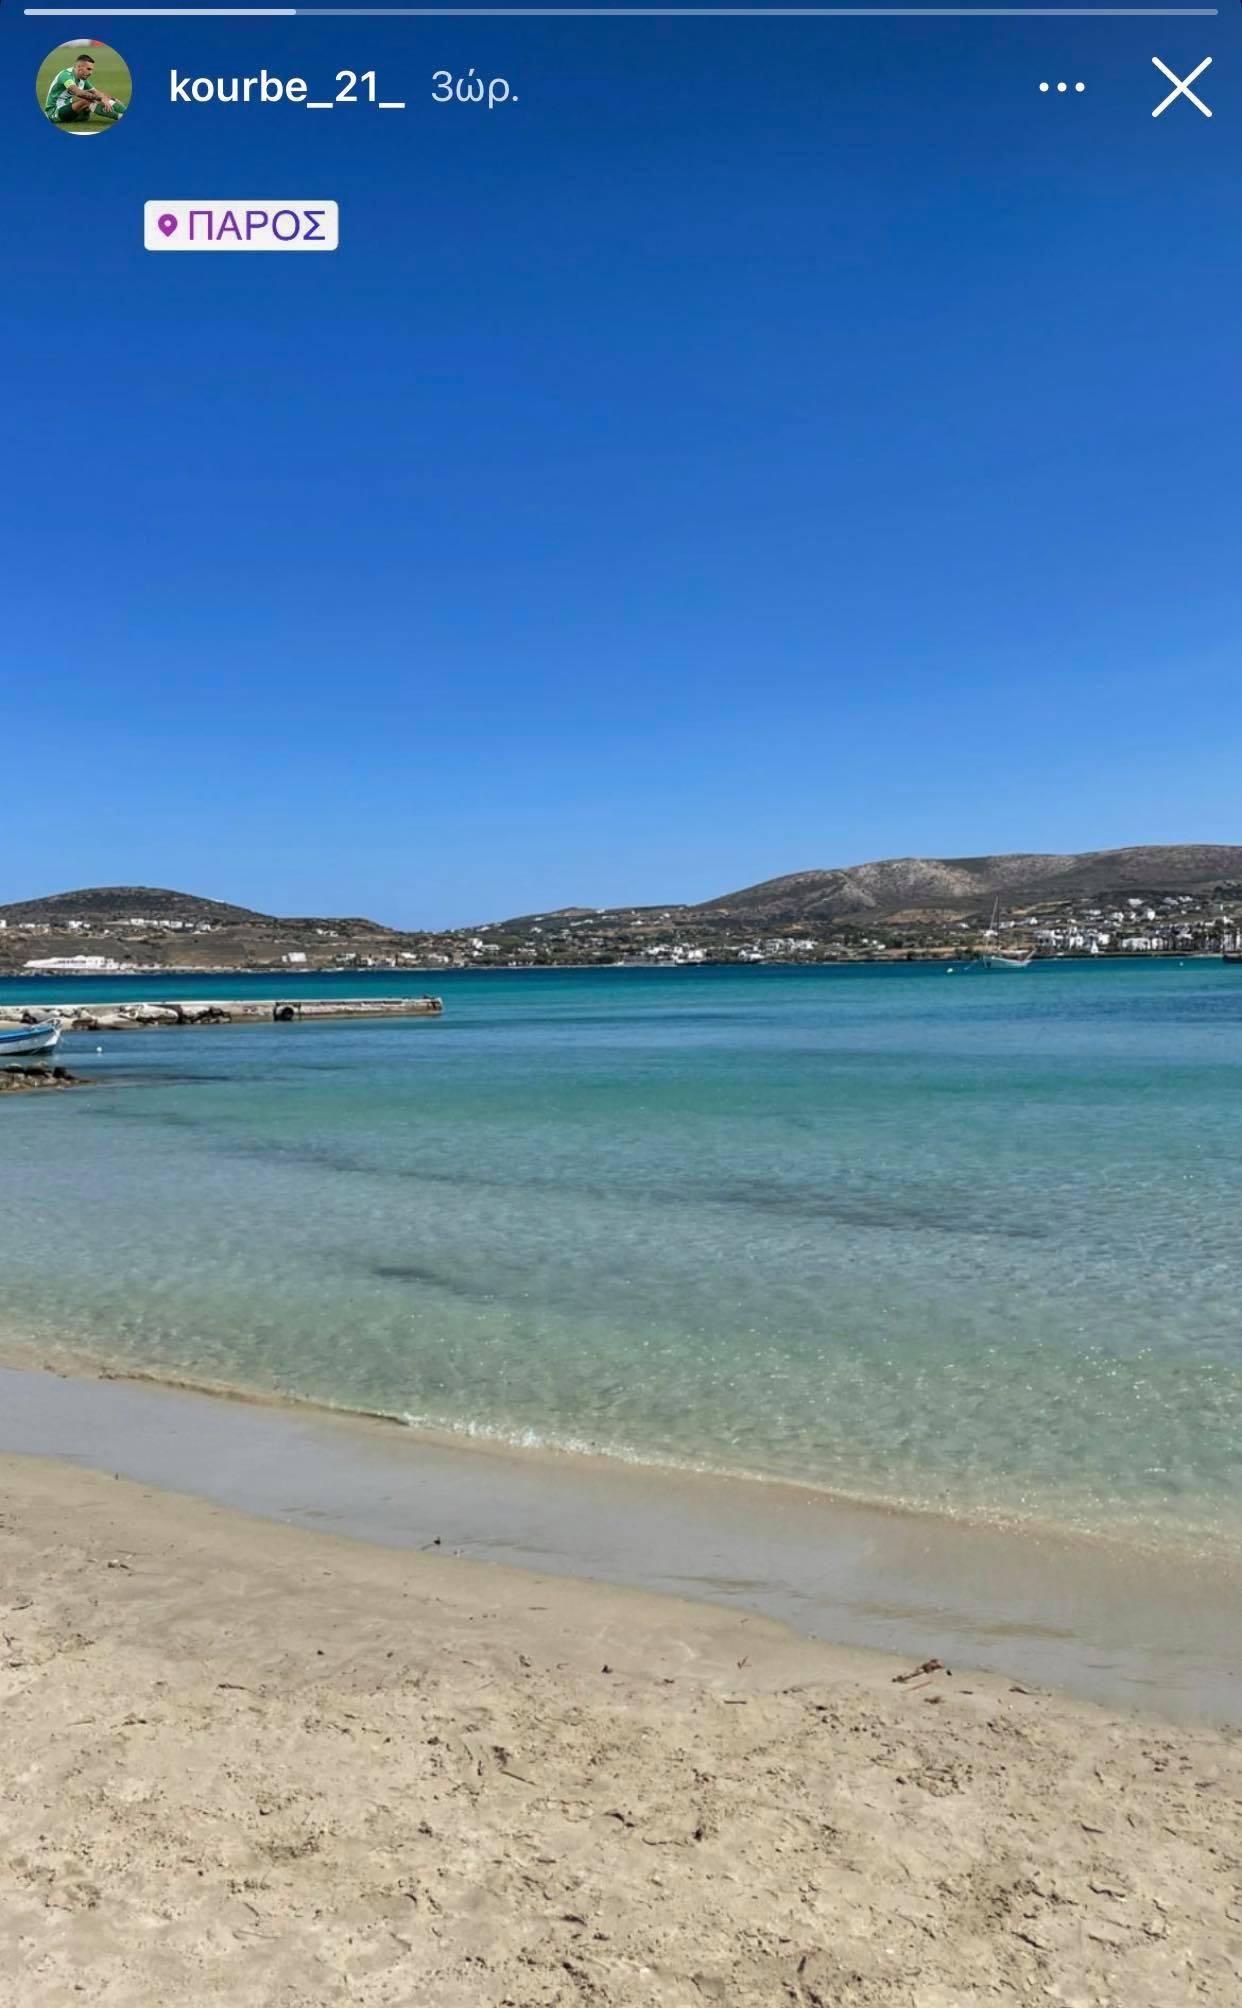 Στην Πάρο ο Κουρμπέλης - Μια θάλασσα... στα πόδια του! (pic)